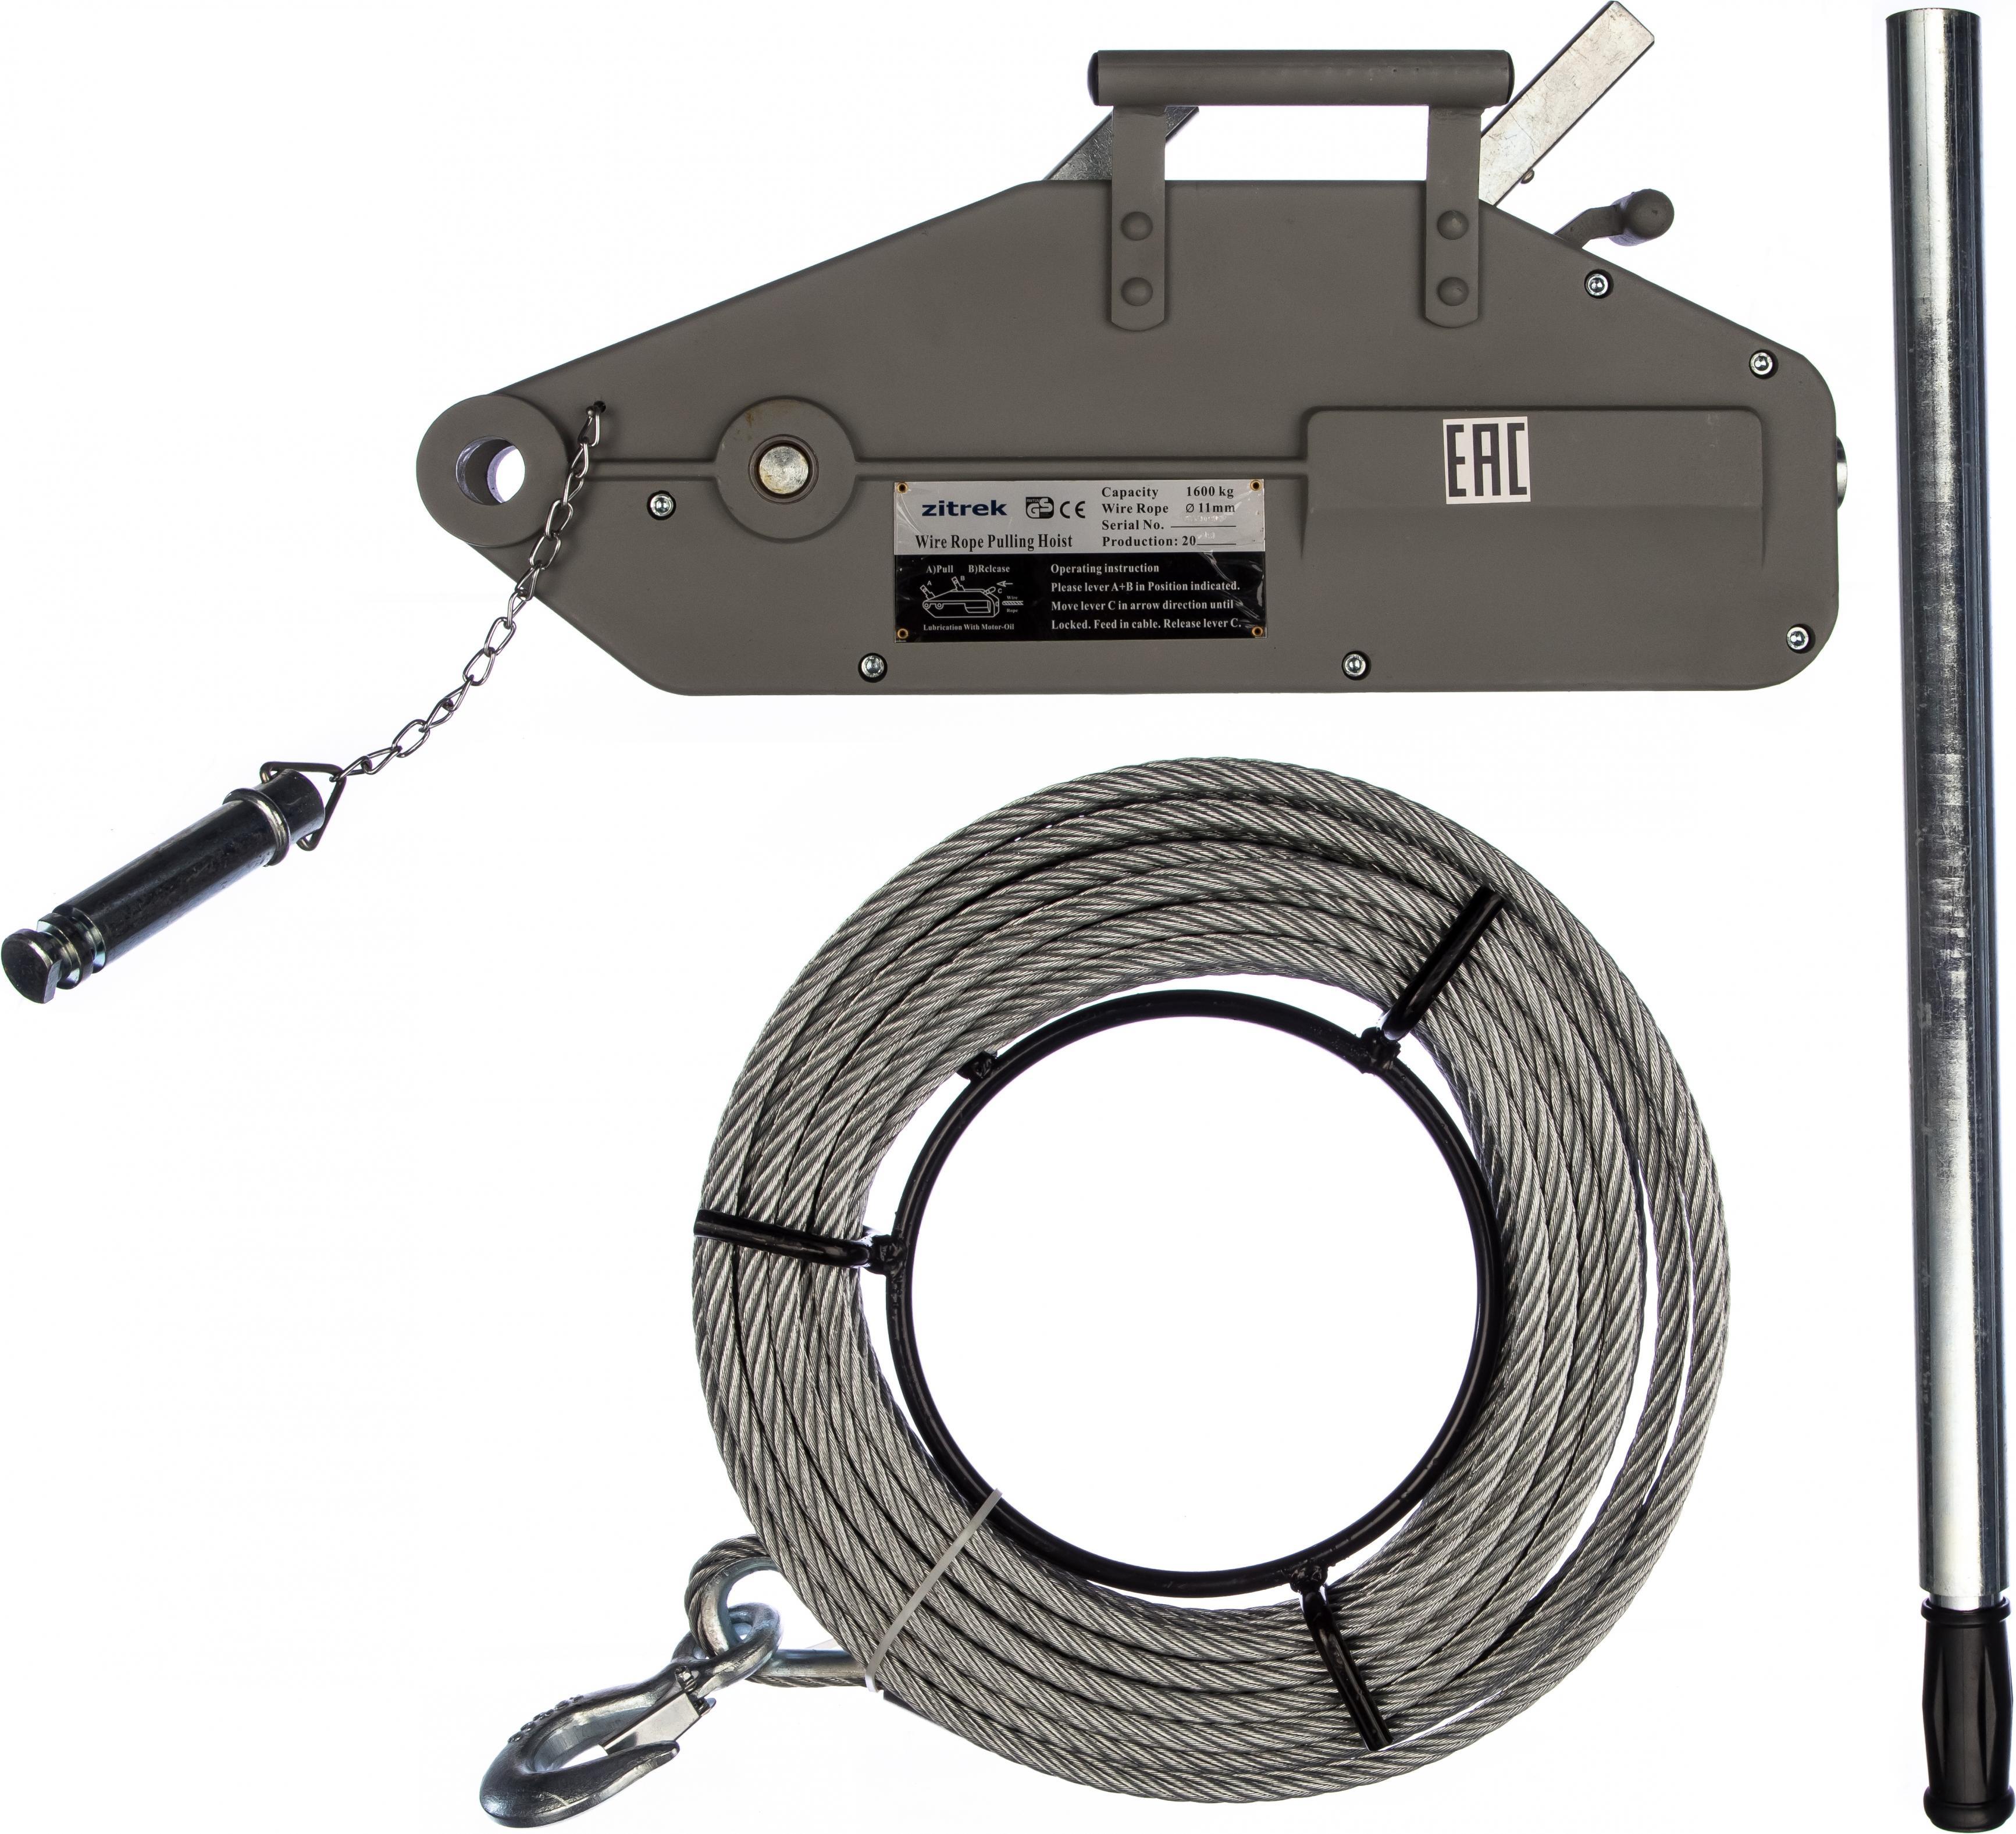 цена на Лебедка механическая Zitrek МТМ 001-5053